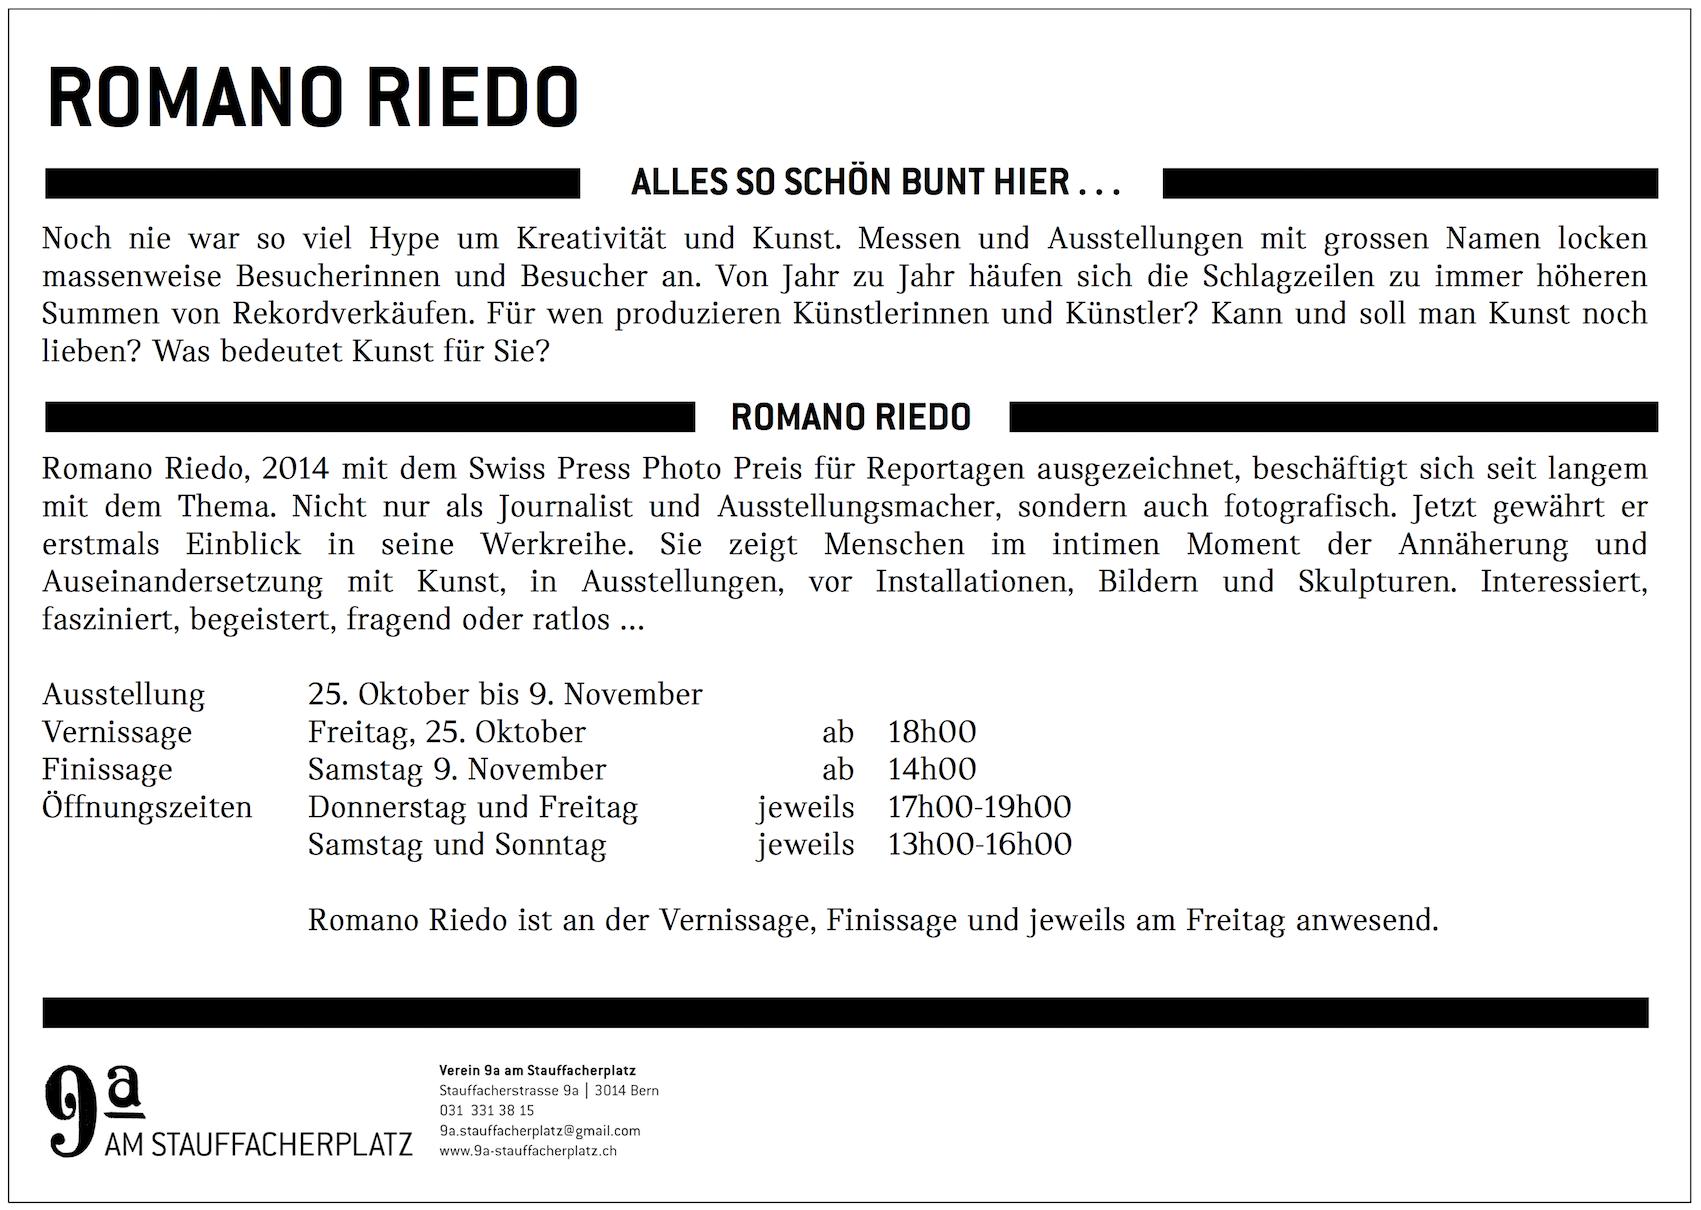 http://romanoriedo.ch/files/gimgs/1_artefakte-karte-text-m.png